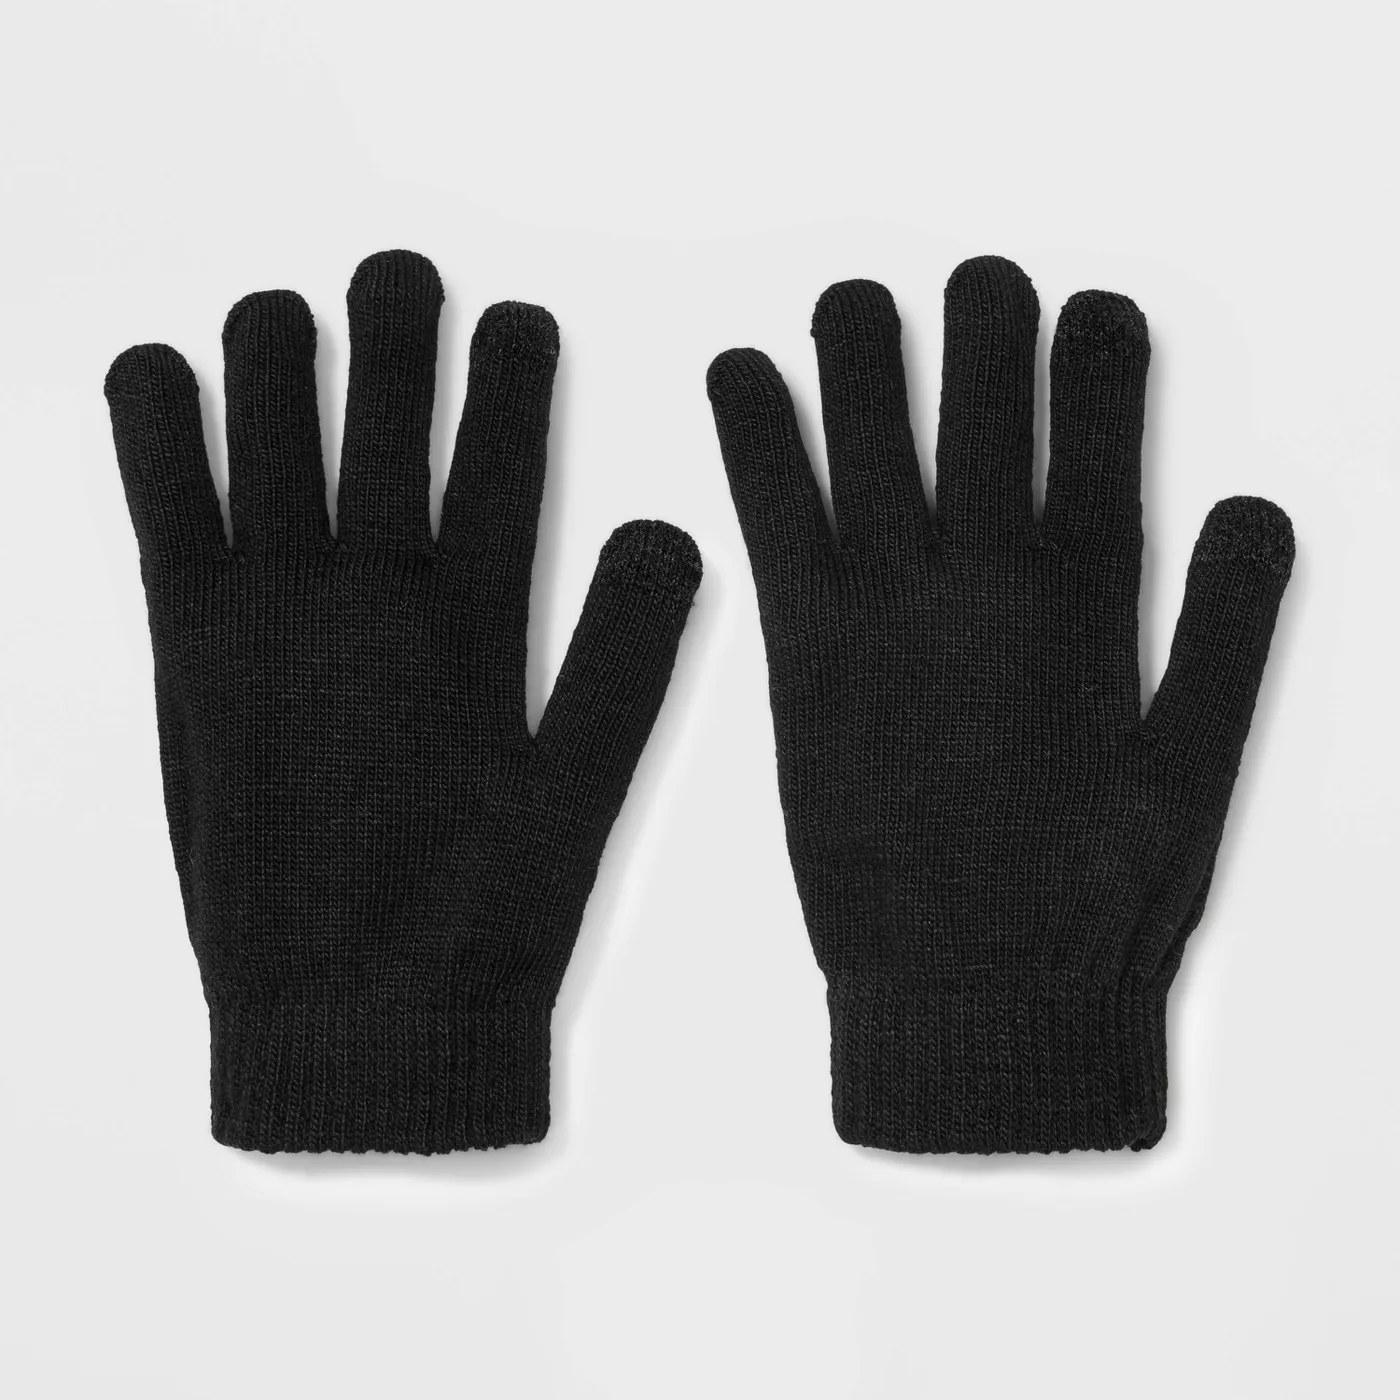 The gloves in black